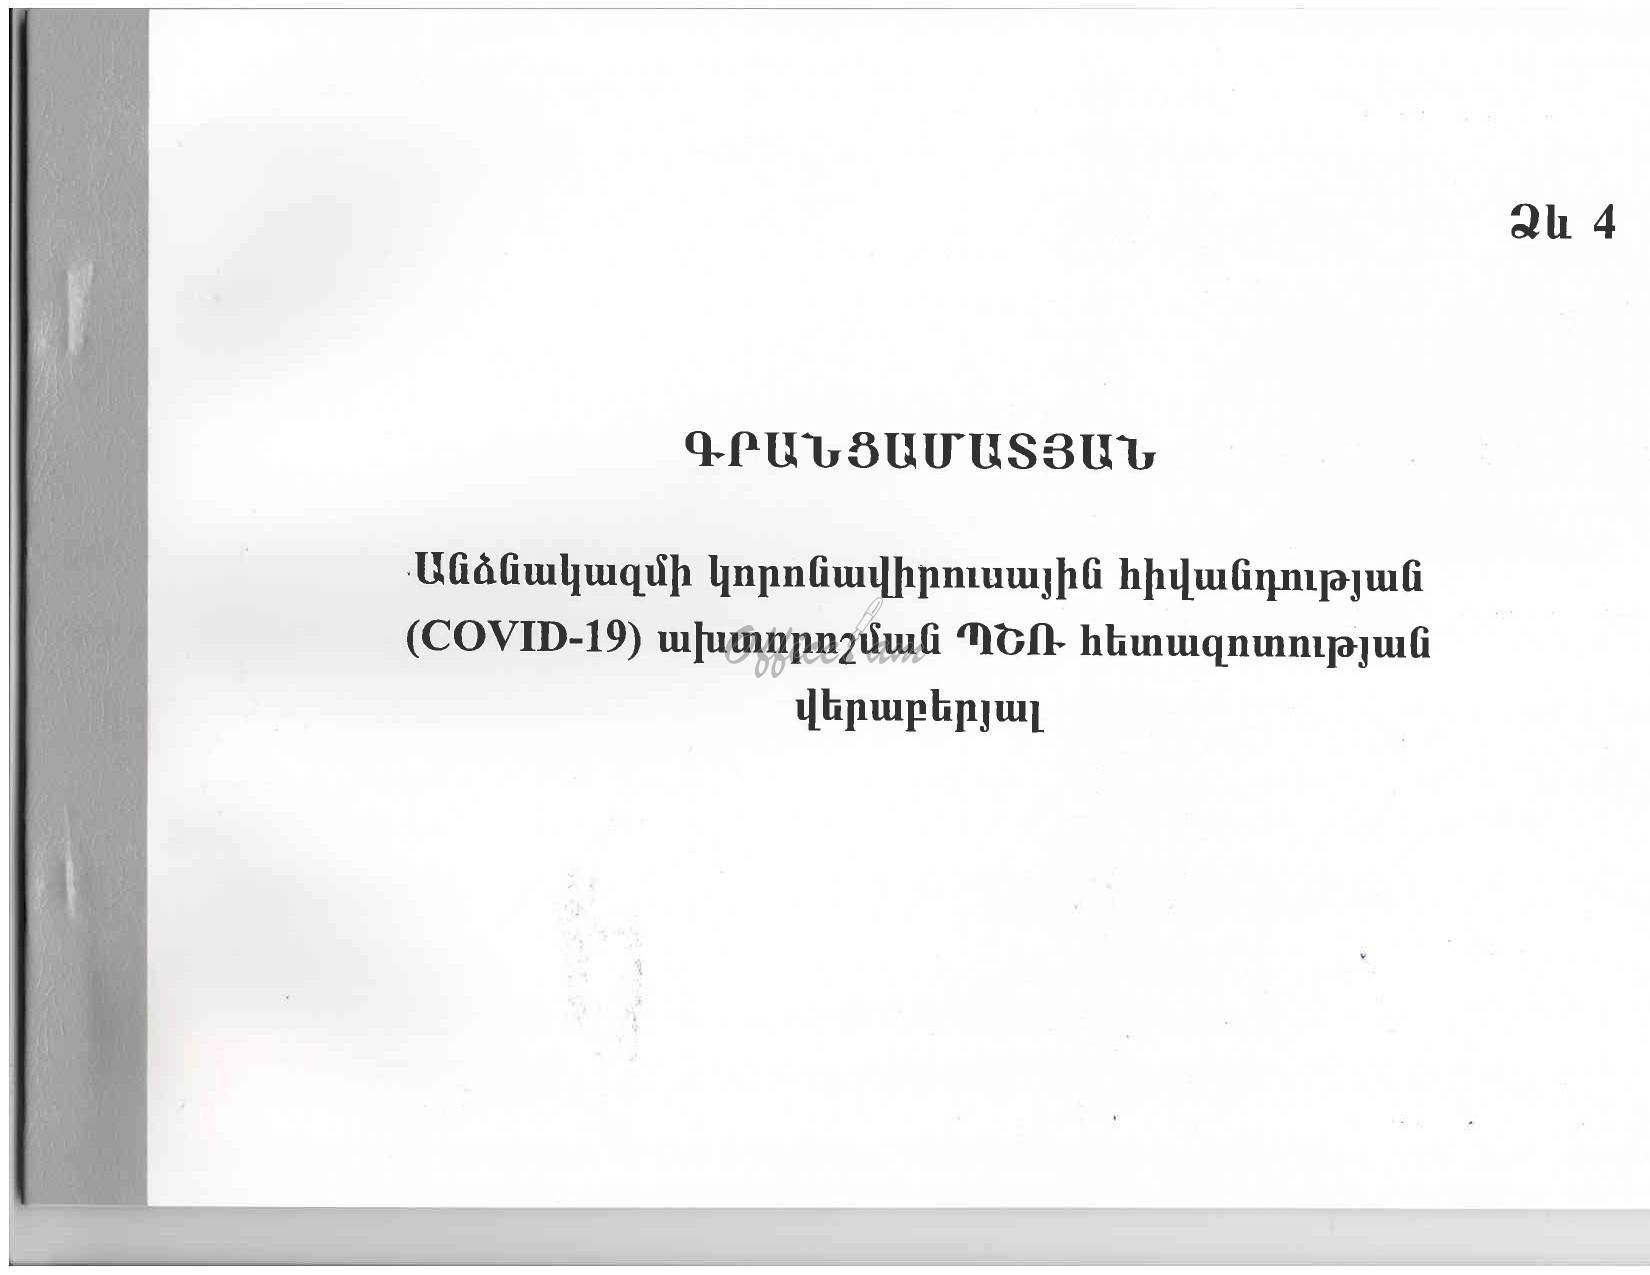 Անձնակազմի կորոնովիրուսային հիվանդության ախտորոշման ՊՇՌ հետազոտության վերաբերյալ (N4), 25թ.